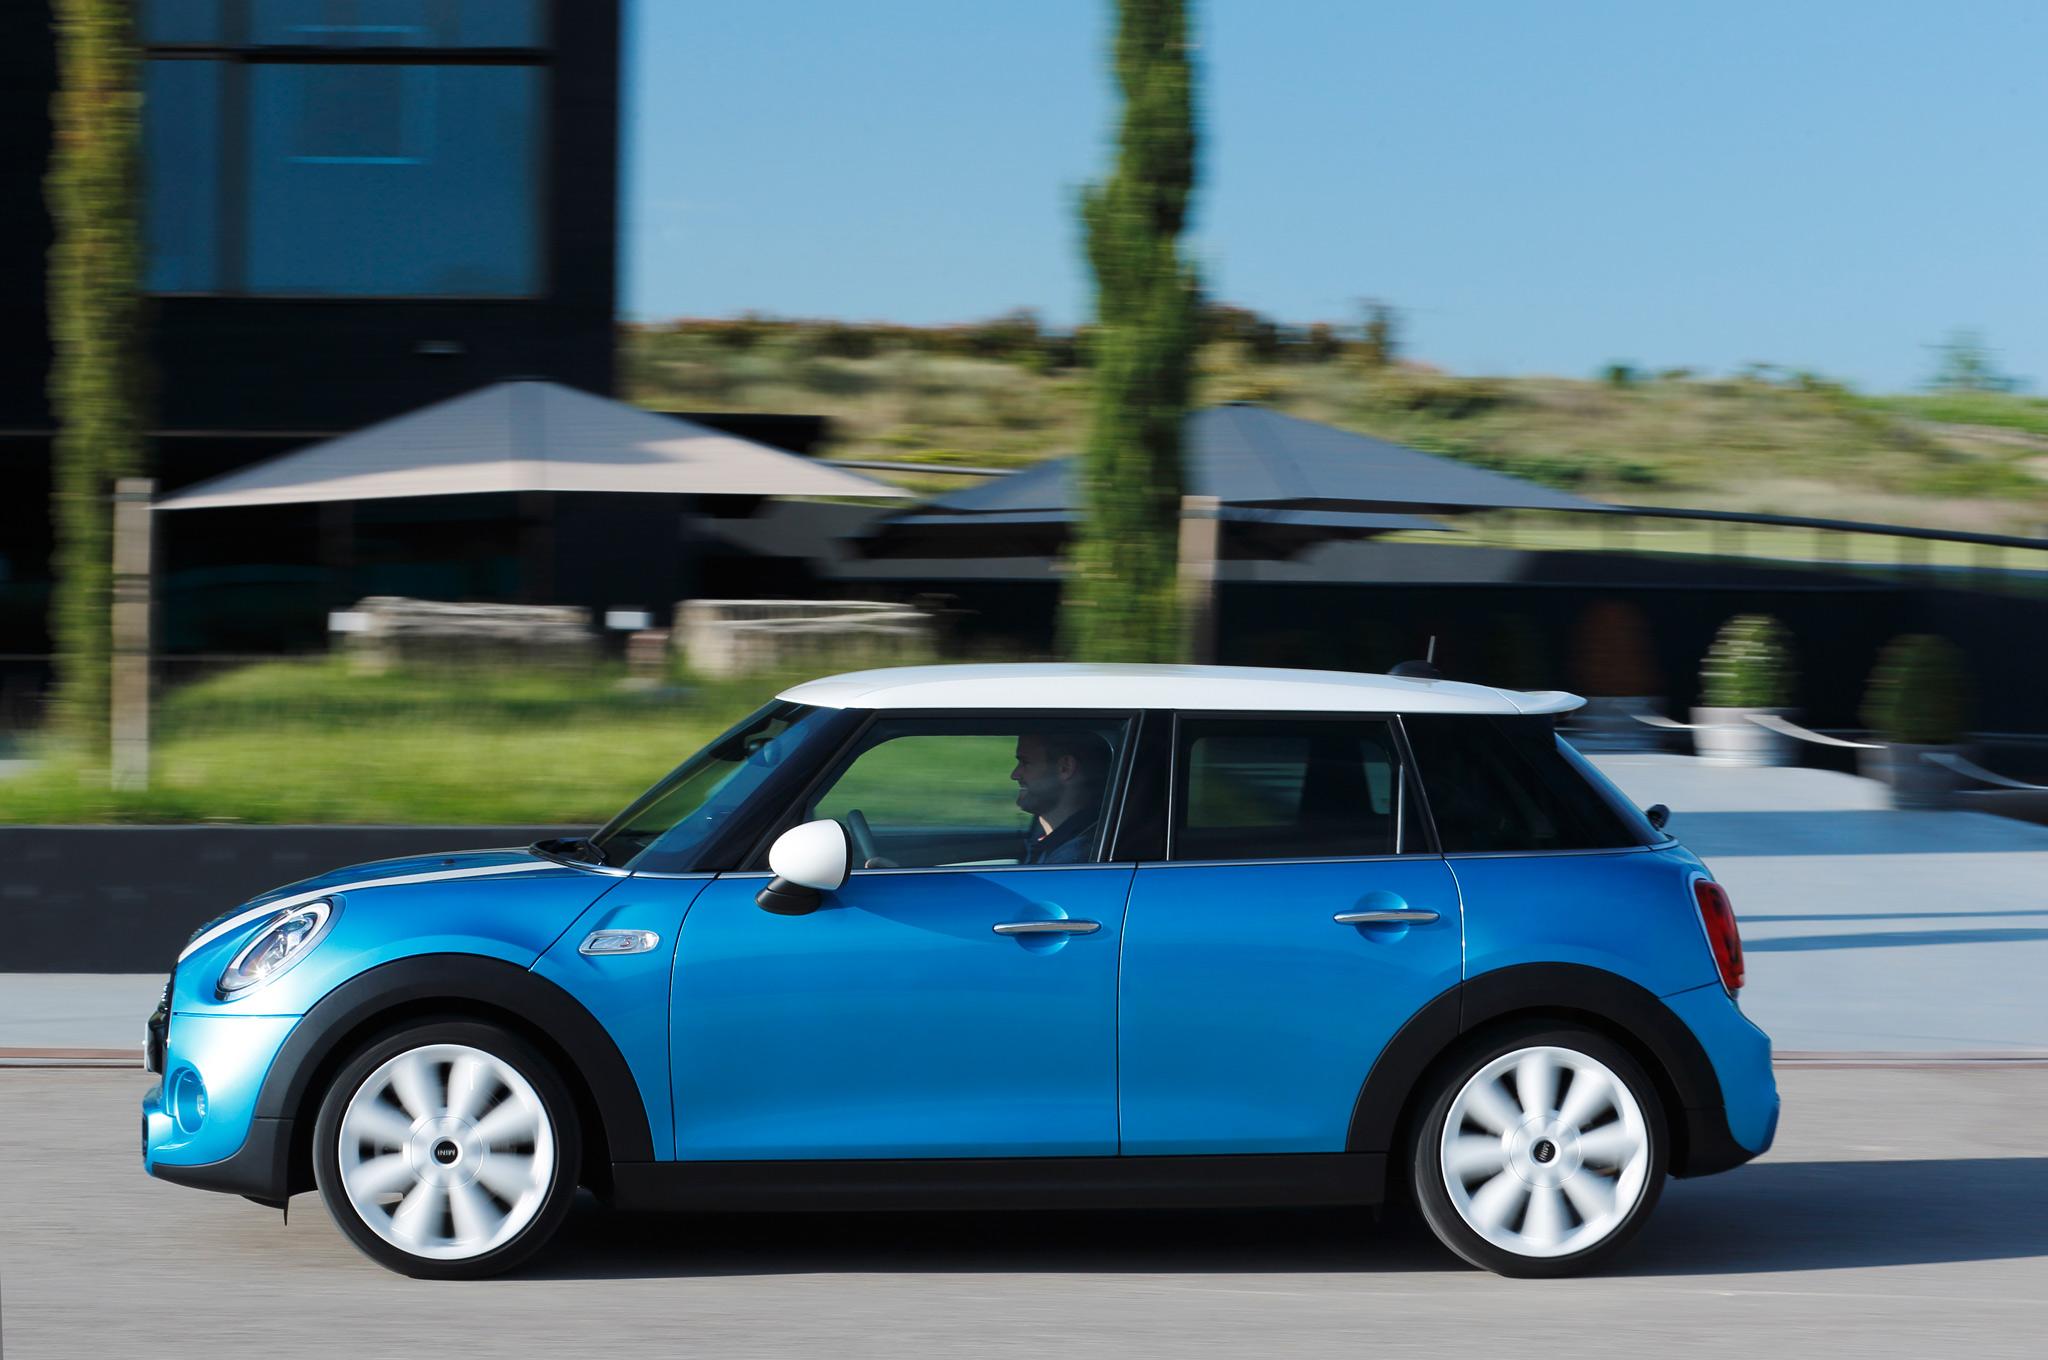 2015 Mini Cooper Hardtop 4-Door Test Drive